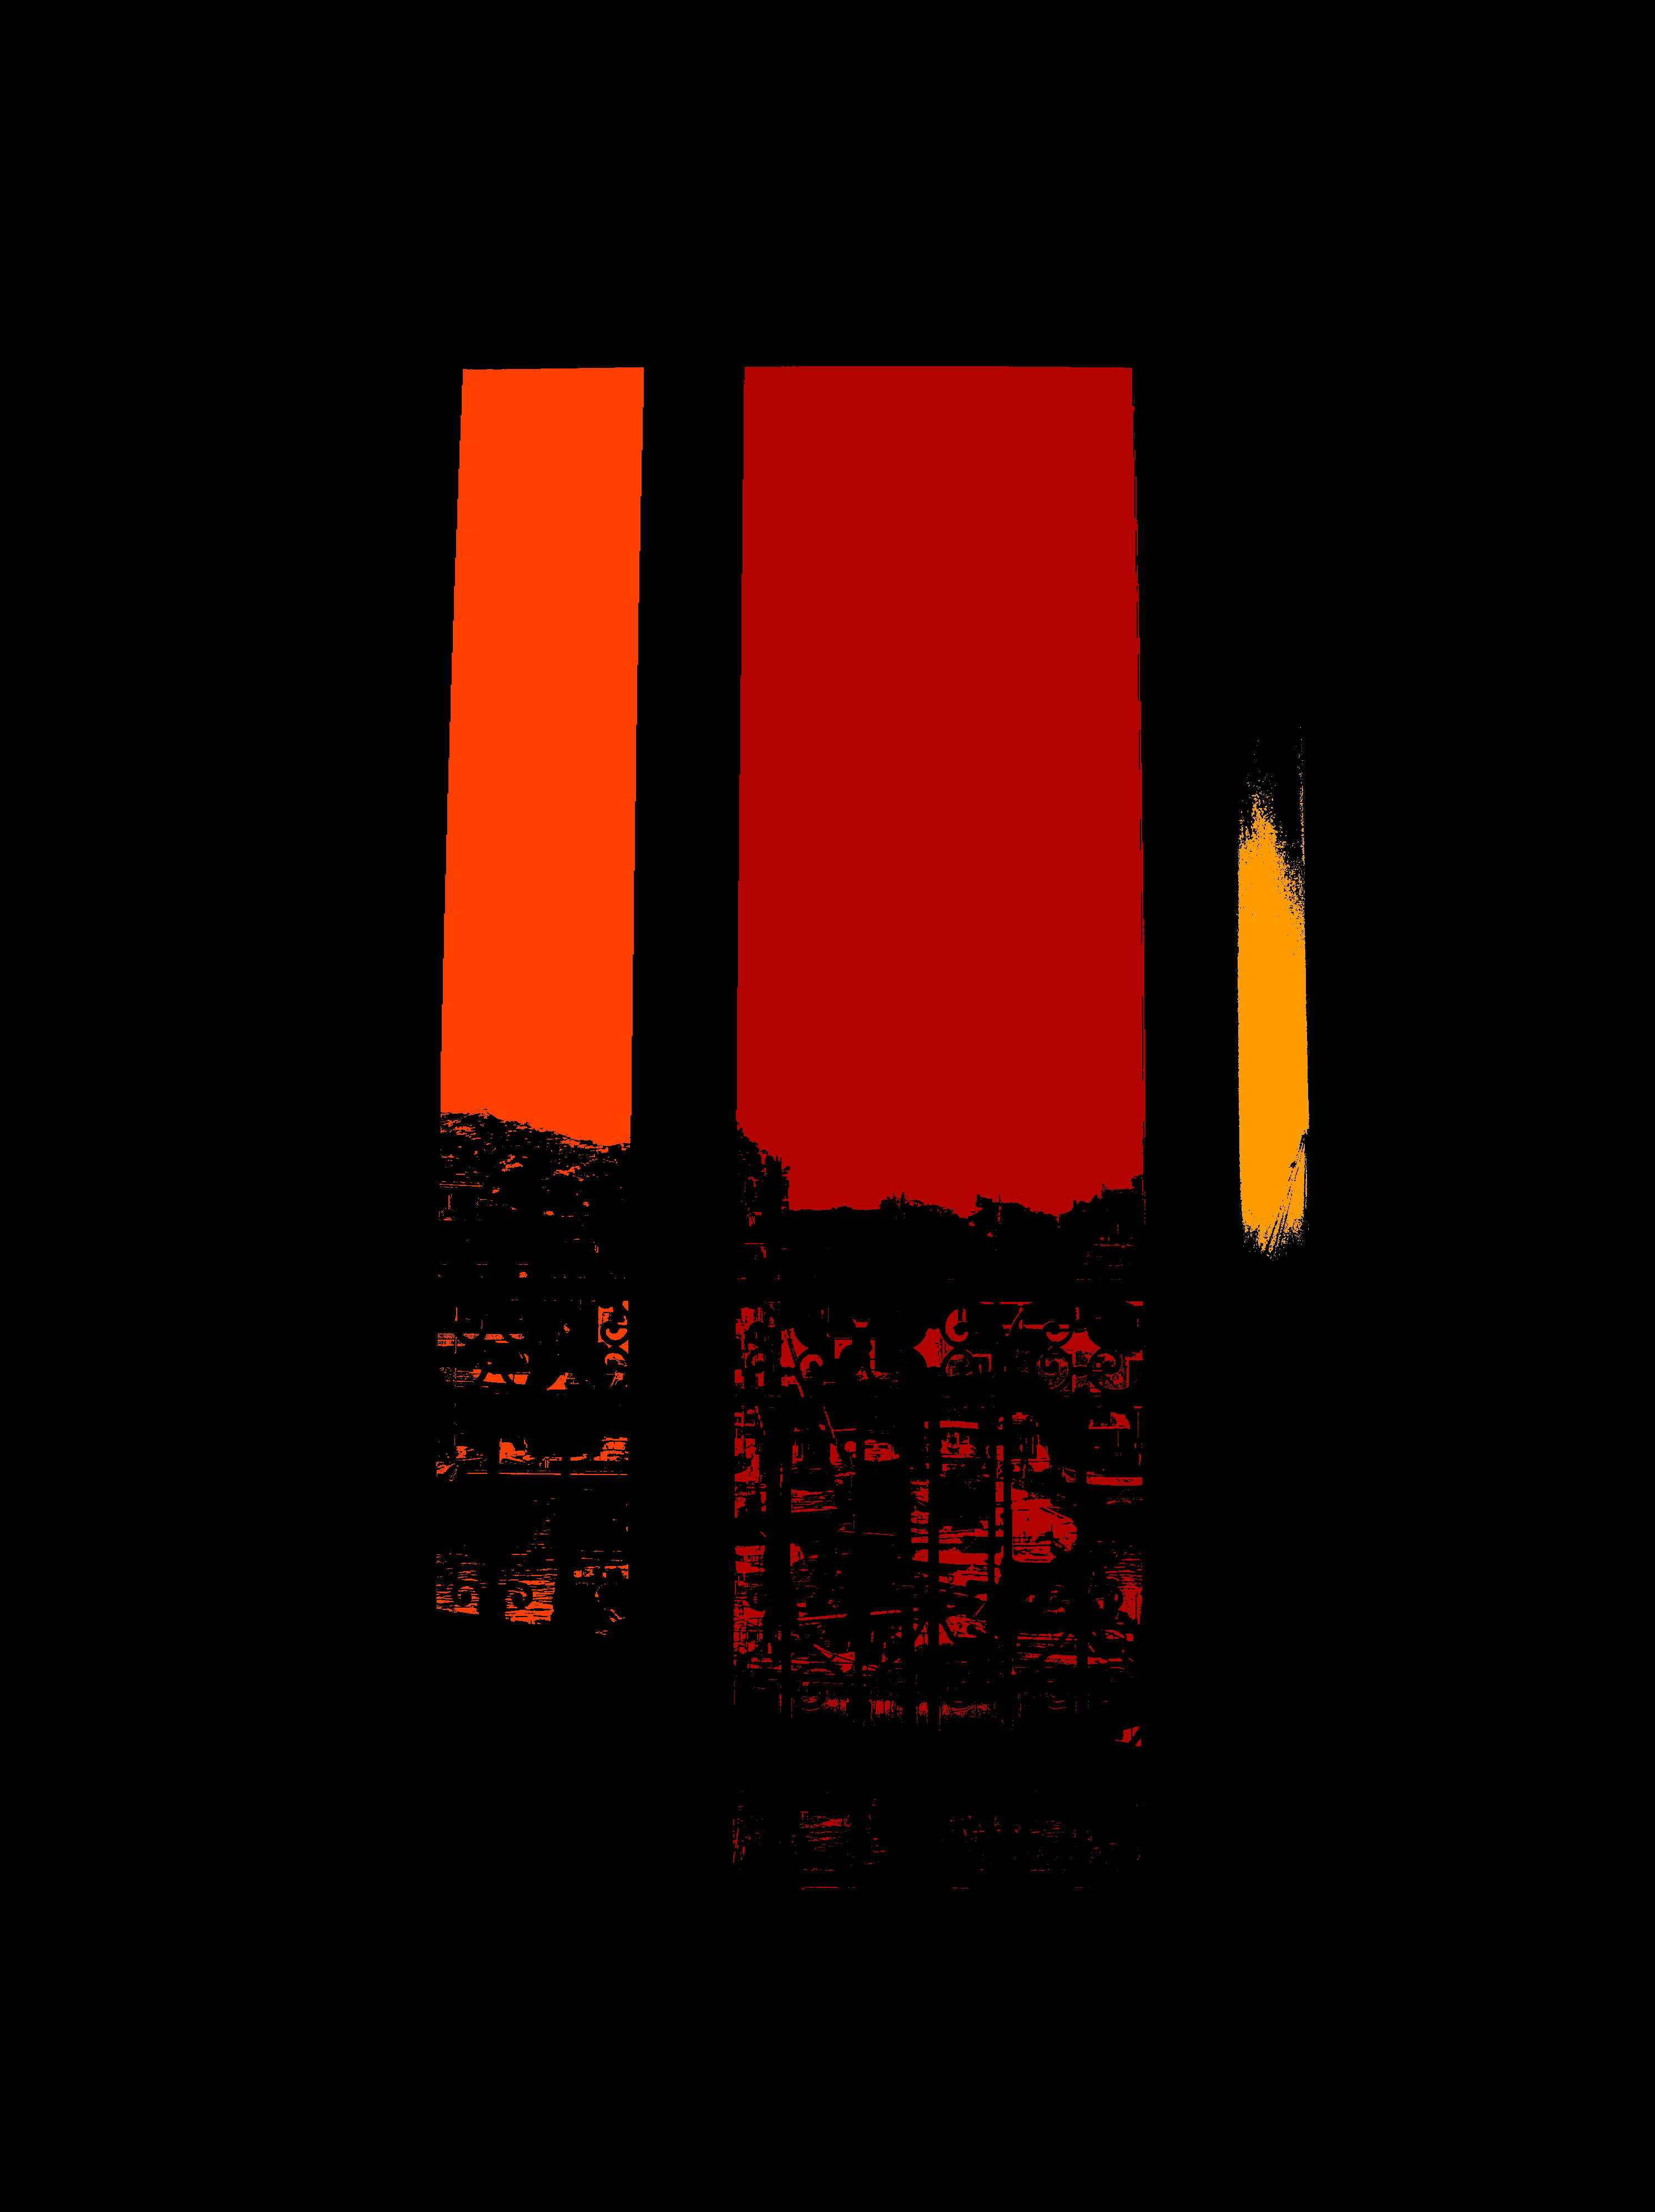 Port Vendres-Thinking of Matisse 01.jpg?